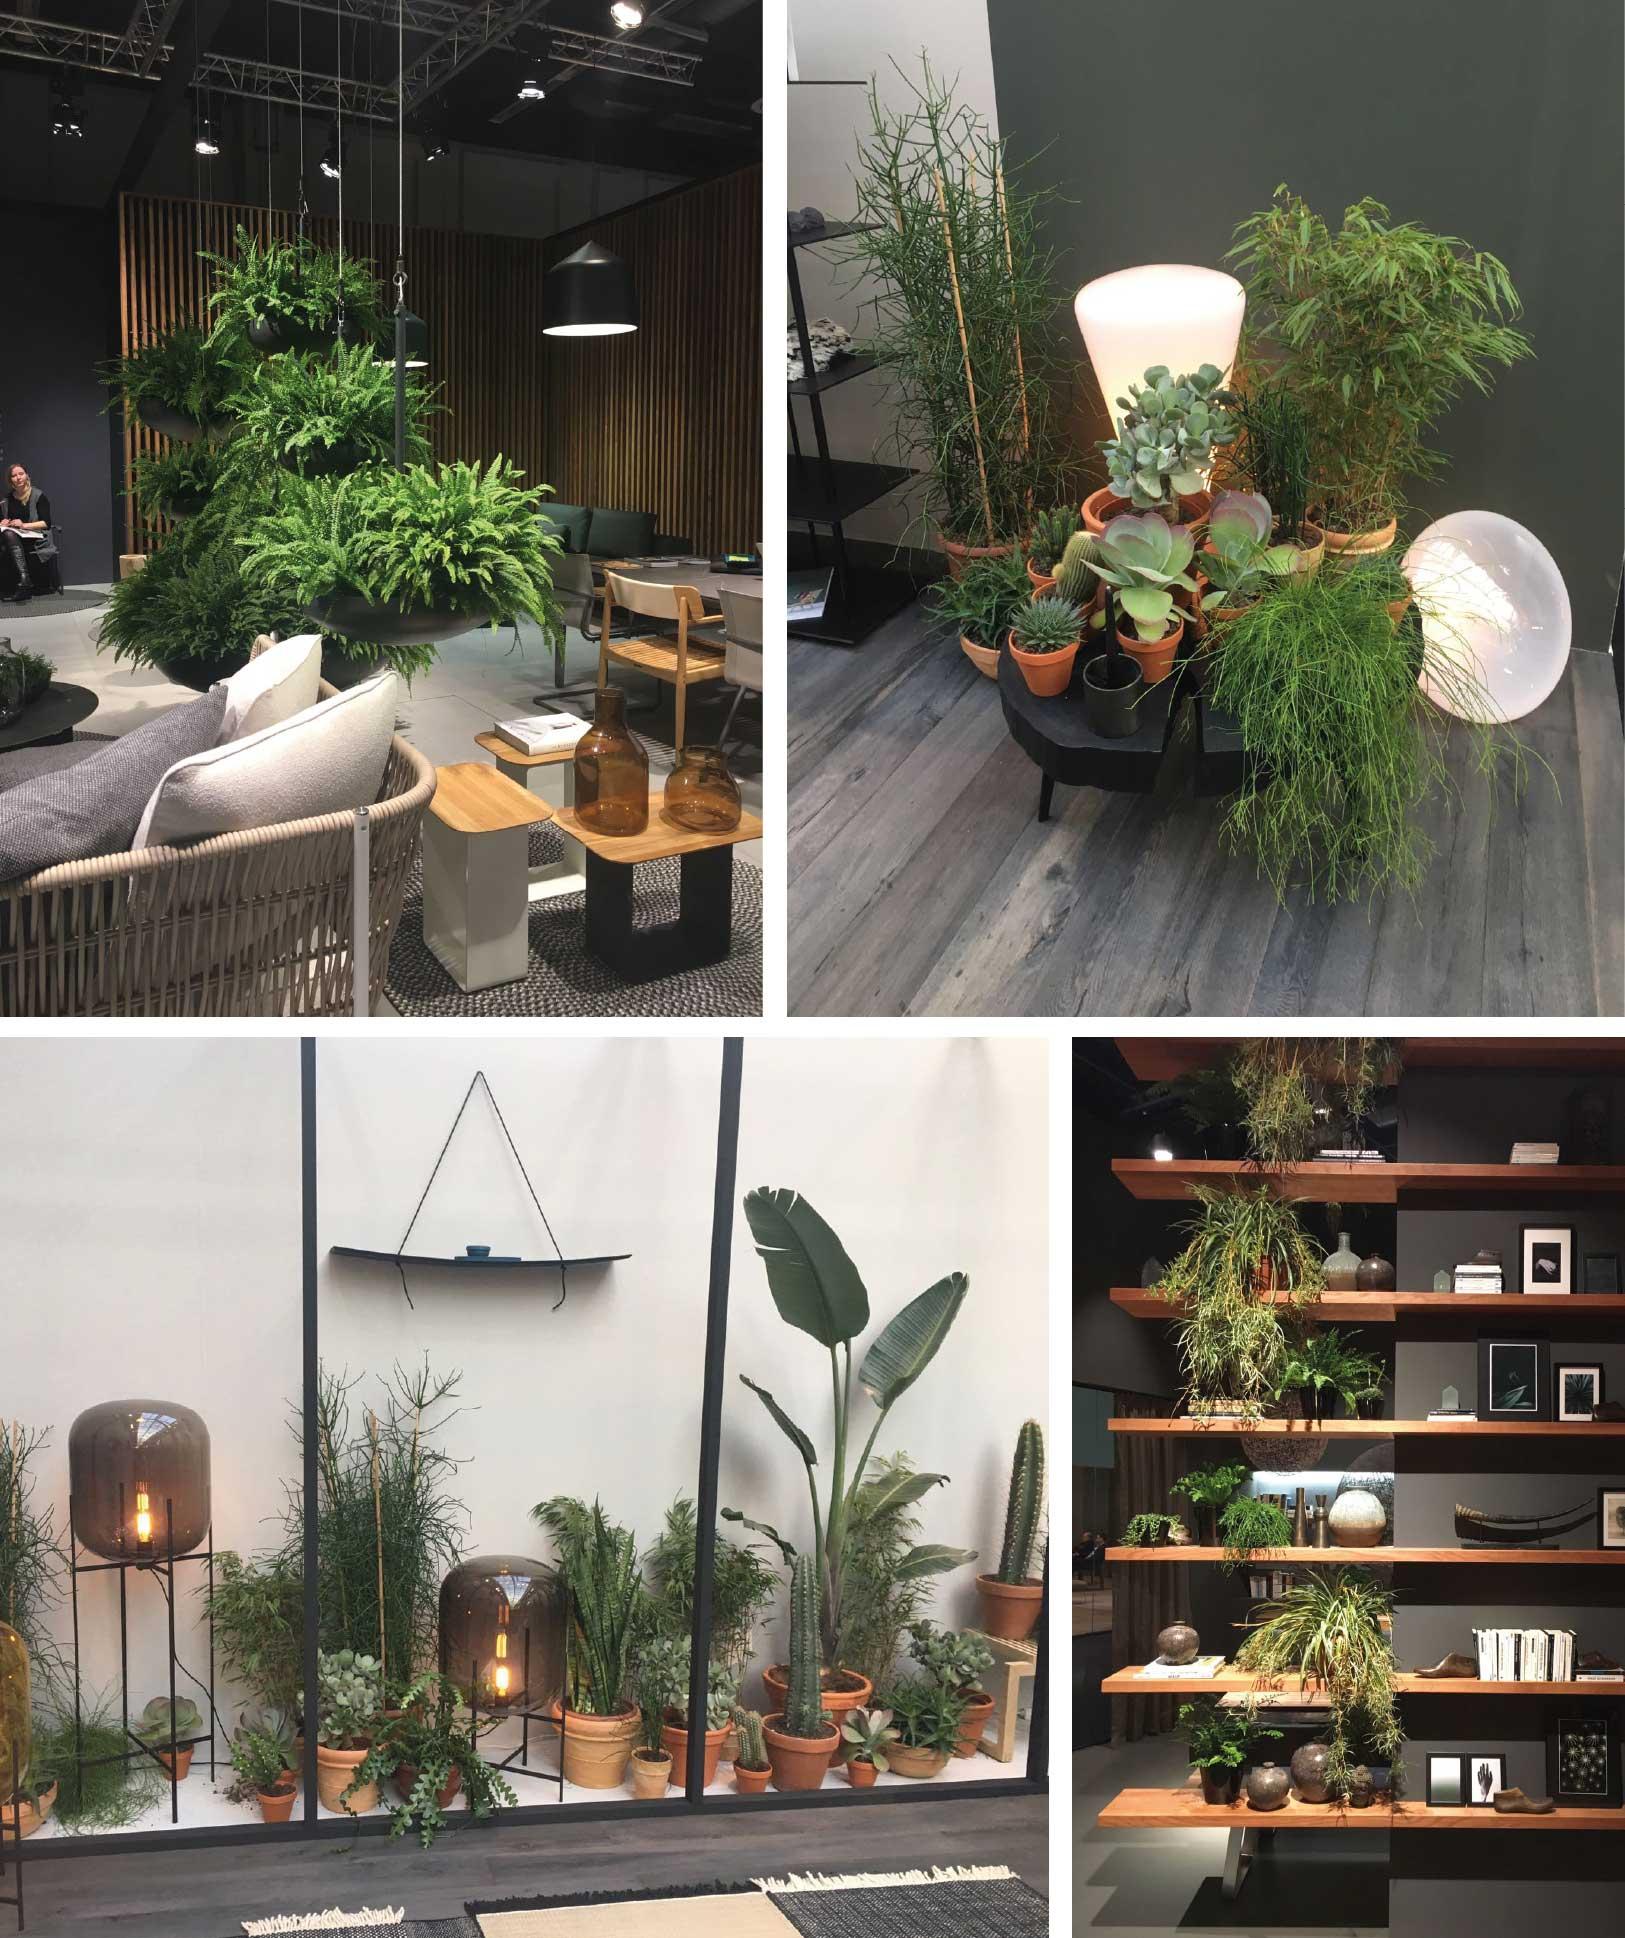 http://slaapkamerdesign.nl/wp-content/uploads/2017/02/beurs-keulen-planten-interieur.jpg